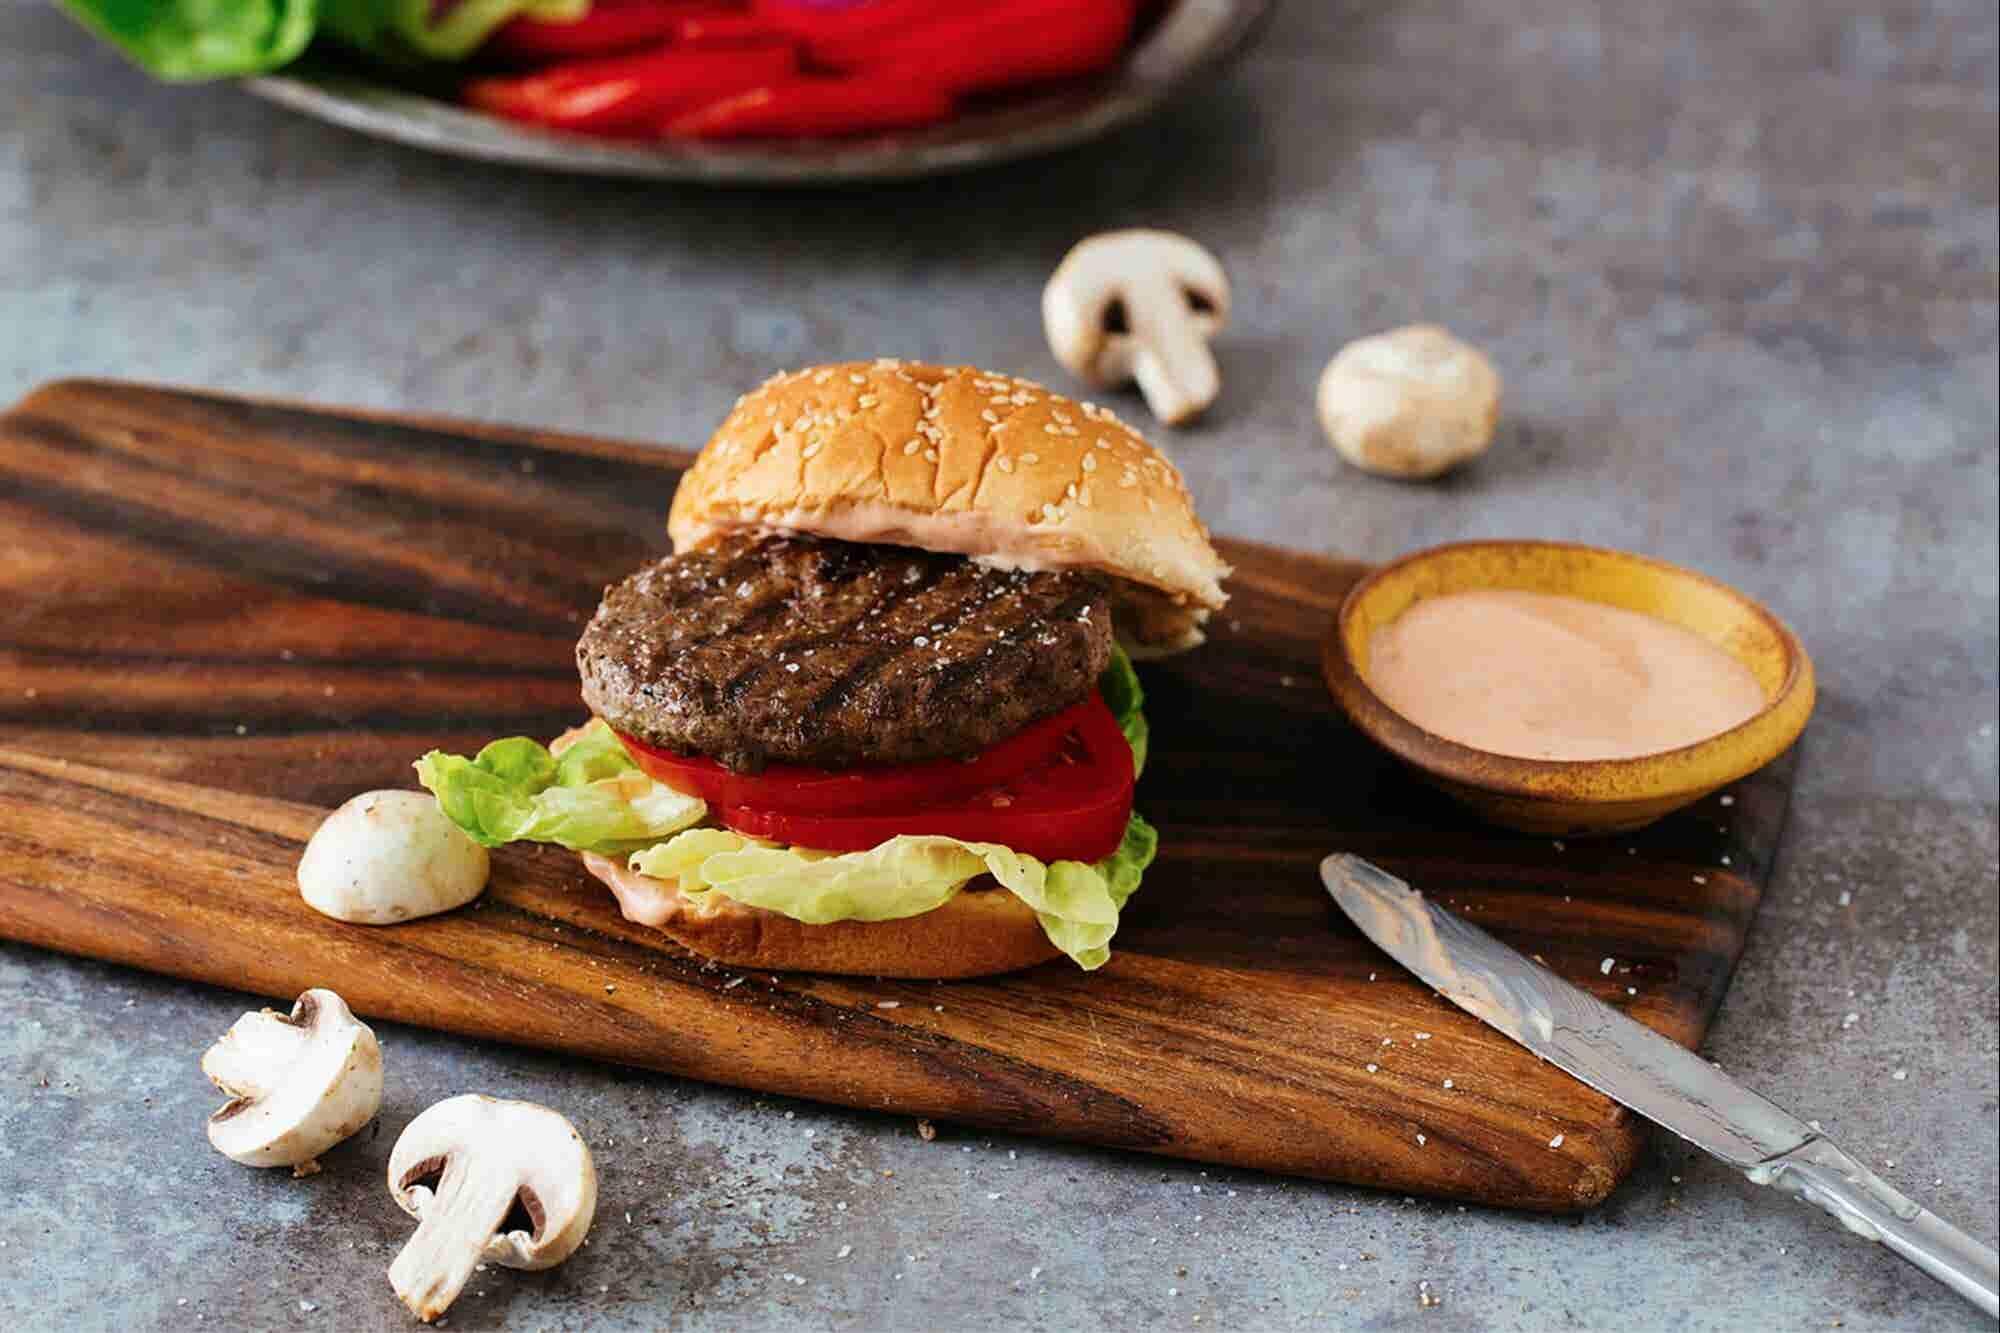 La hamburguesa hecha con carne para los 'carnívoros conscientes'